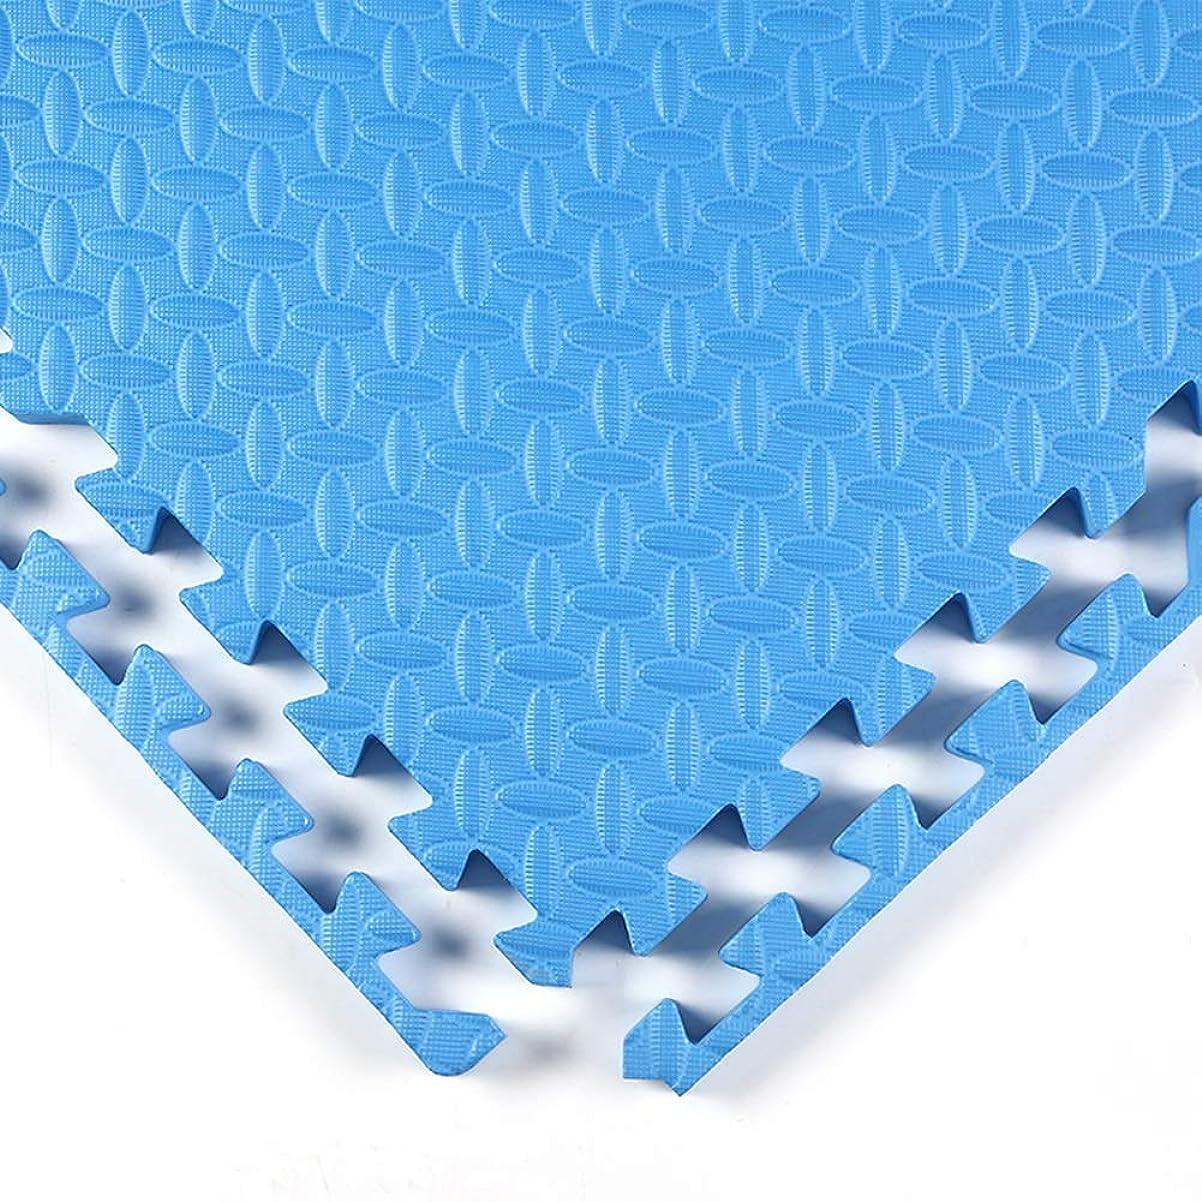 アンケート誤赤WUZMING ジョイントマット連動タイル大 ベビークロールマット柔らかい滑り止め屋内床保護、10色、2サイズ (Color : Blue, Size : 60x60x1.0CM-4pcs)